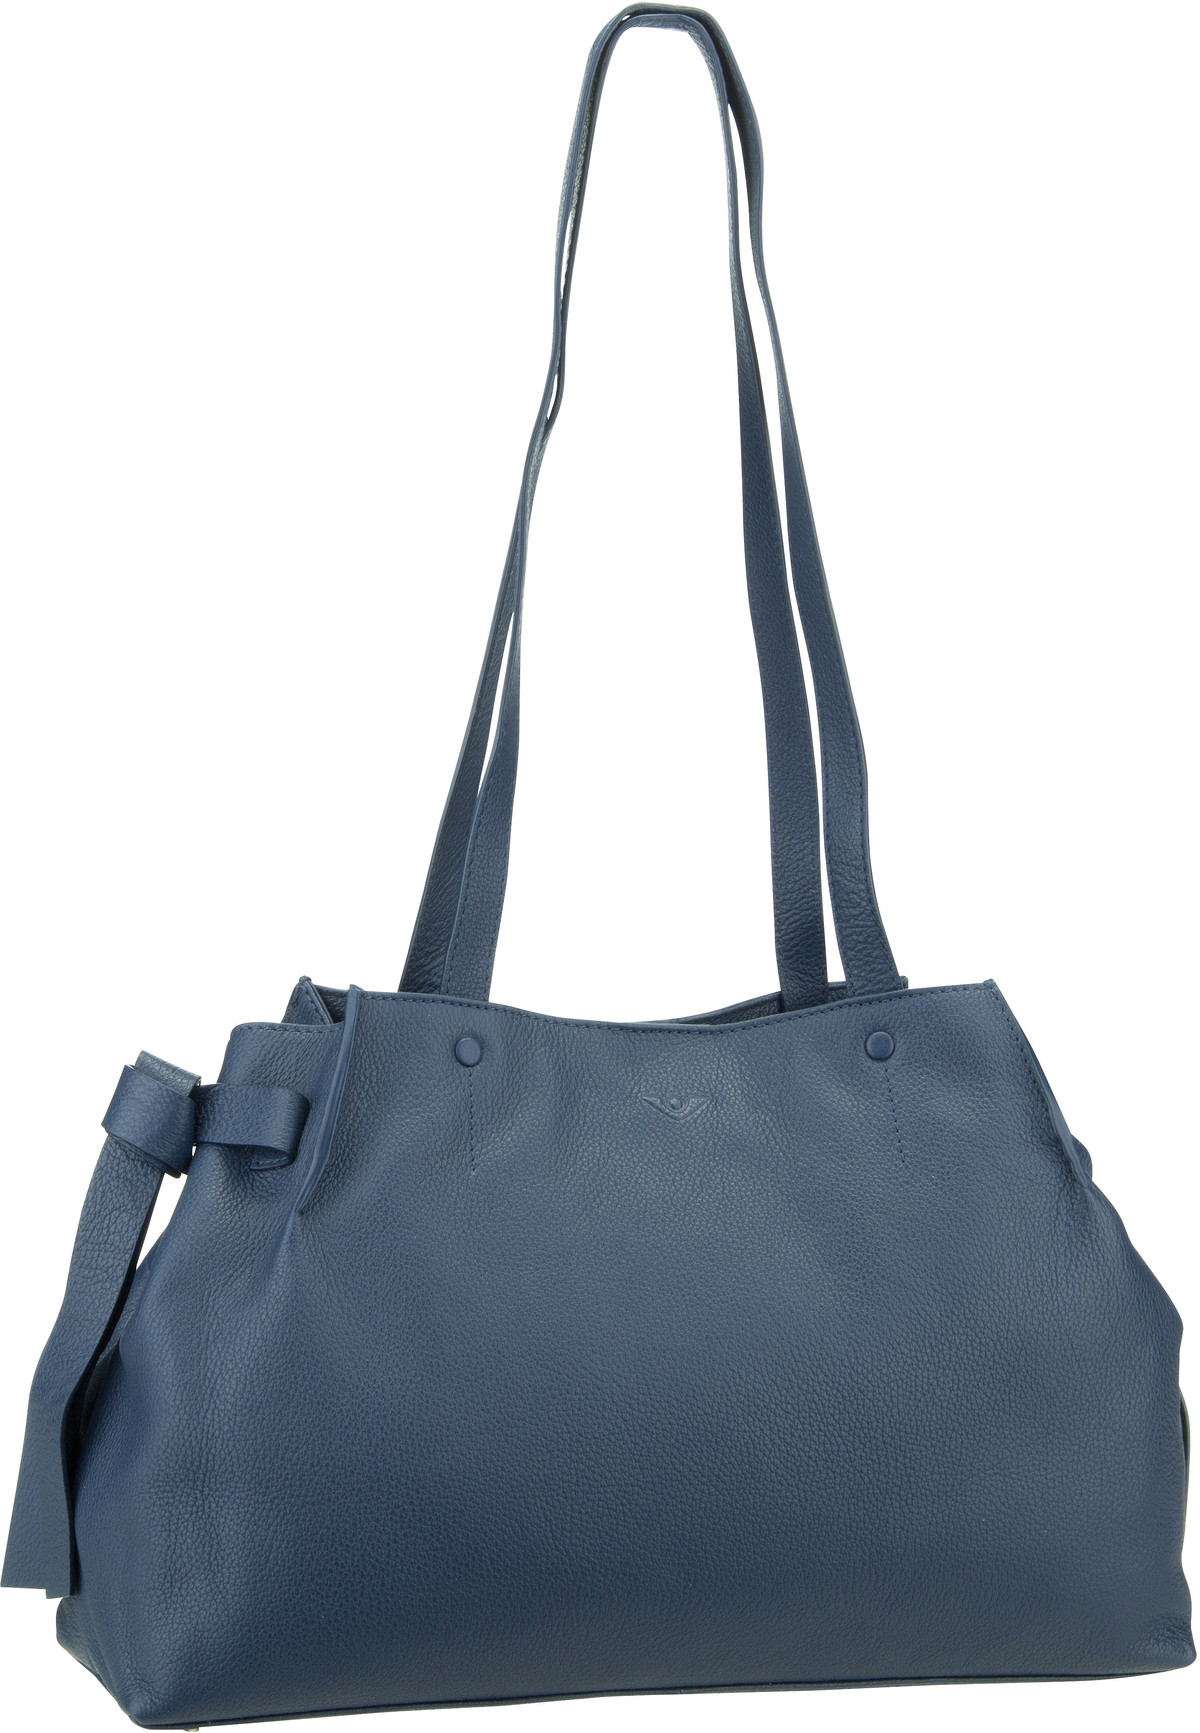 Voi Handtasche Deluxe 30466 Kurzgrifftasche Blau